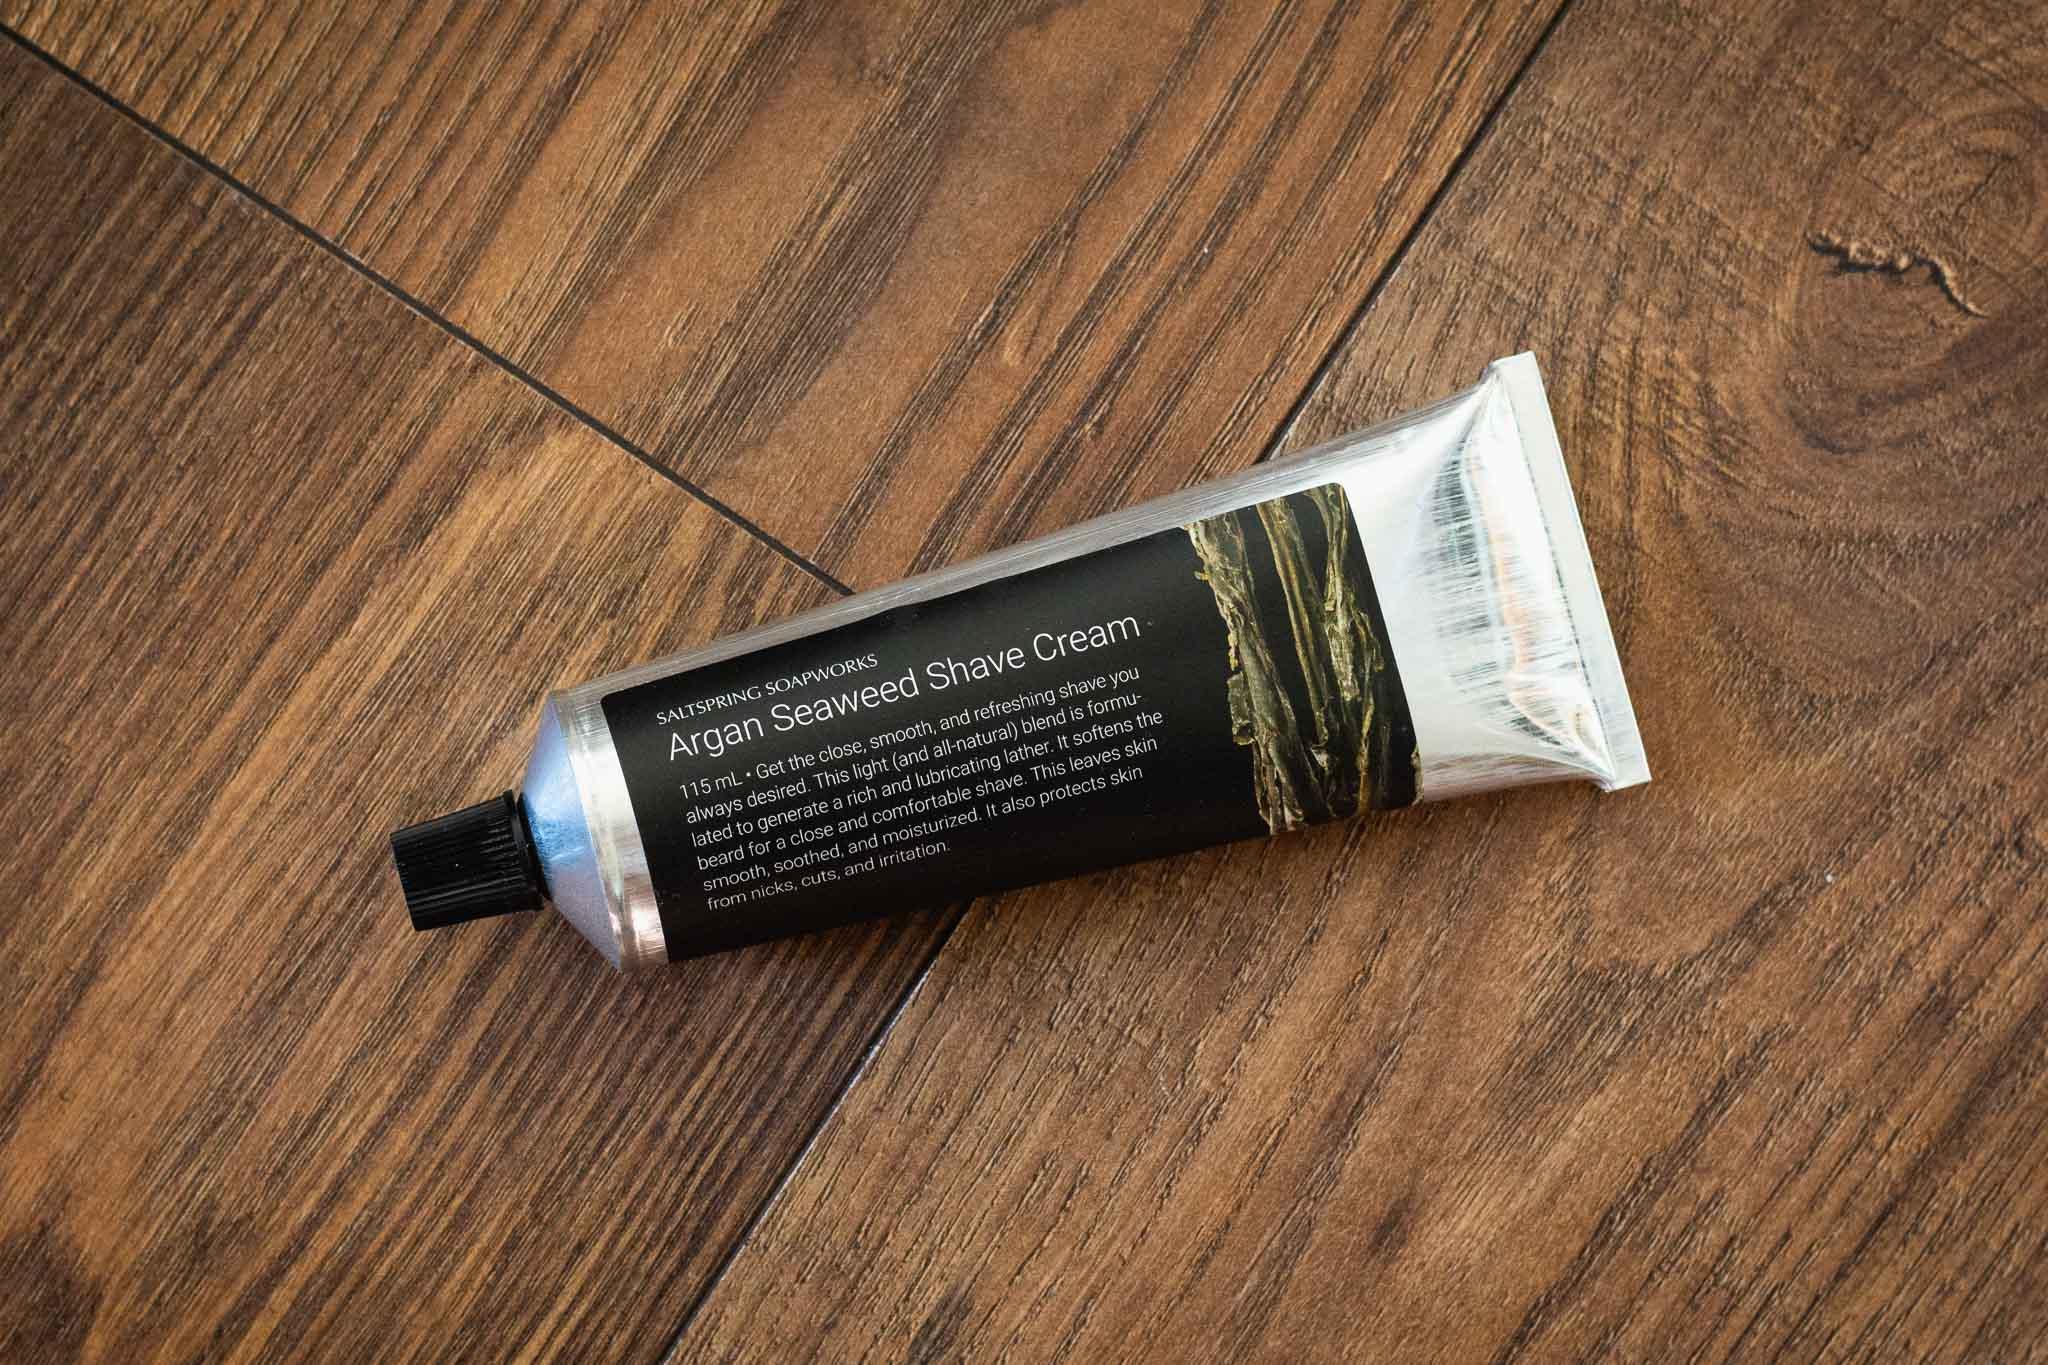 Argan Seaweed Shave Cream by Saltspring Soapworks